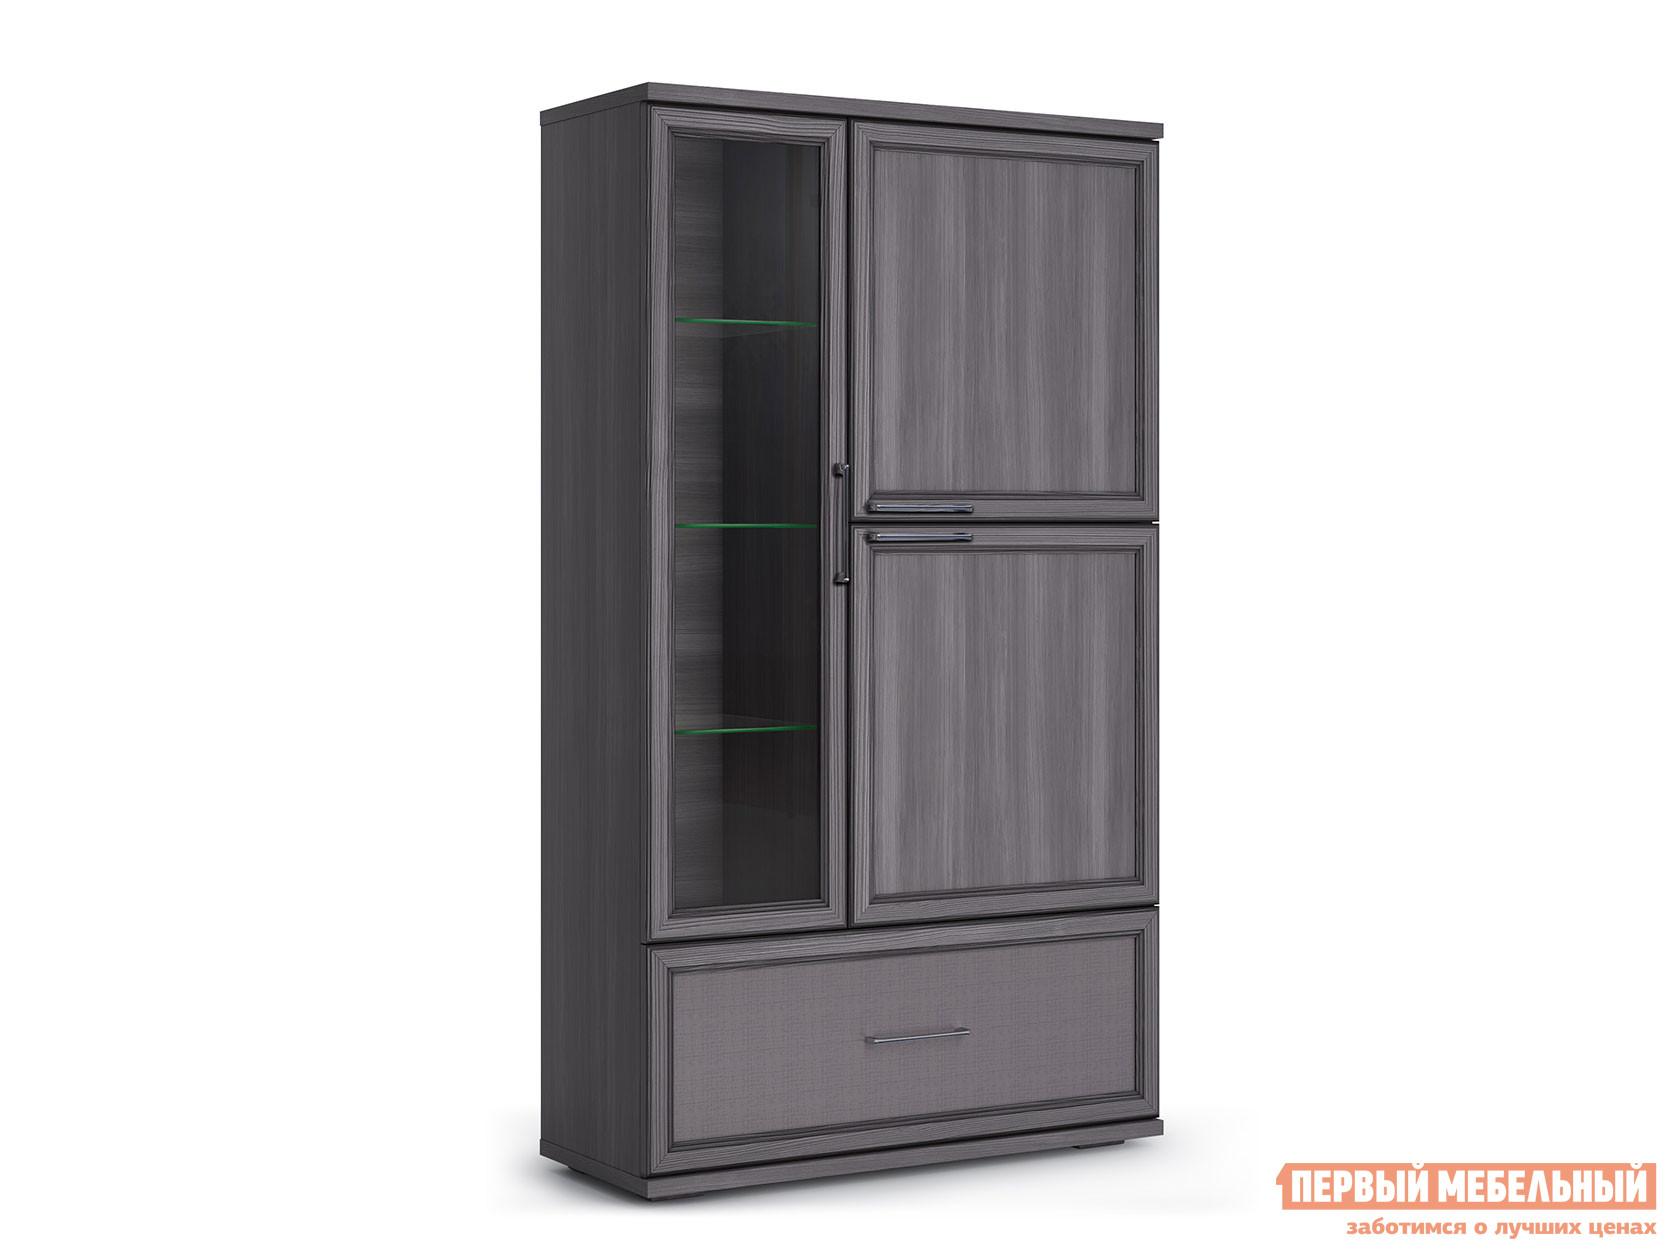 Шкаф-витрина  Шкаф 950 с 1 ящиком Палермо Без подсветки, Лиственница темная / Экокожа дила КУРАЖ 107104